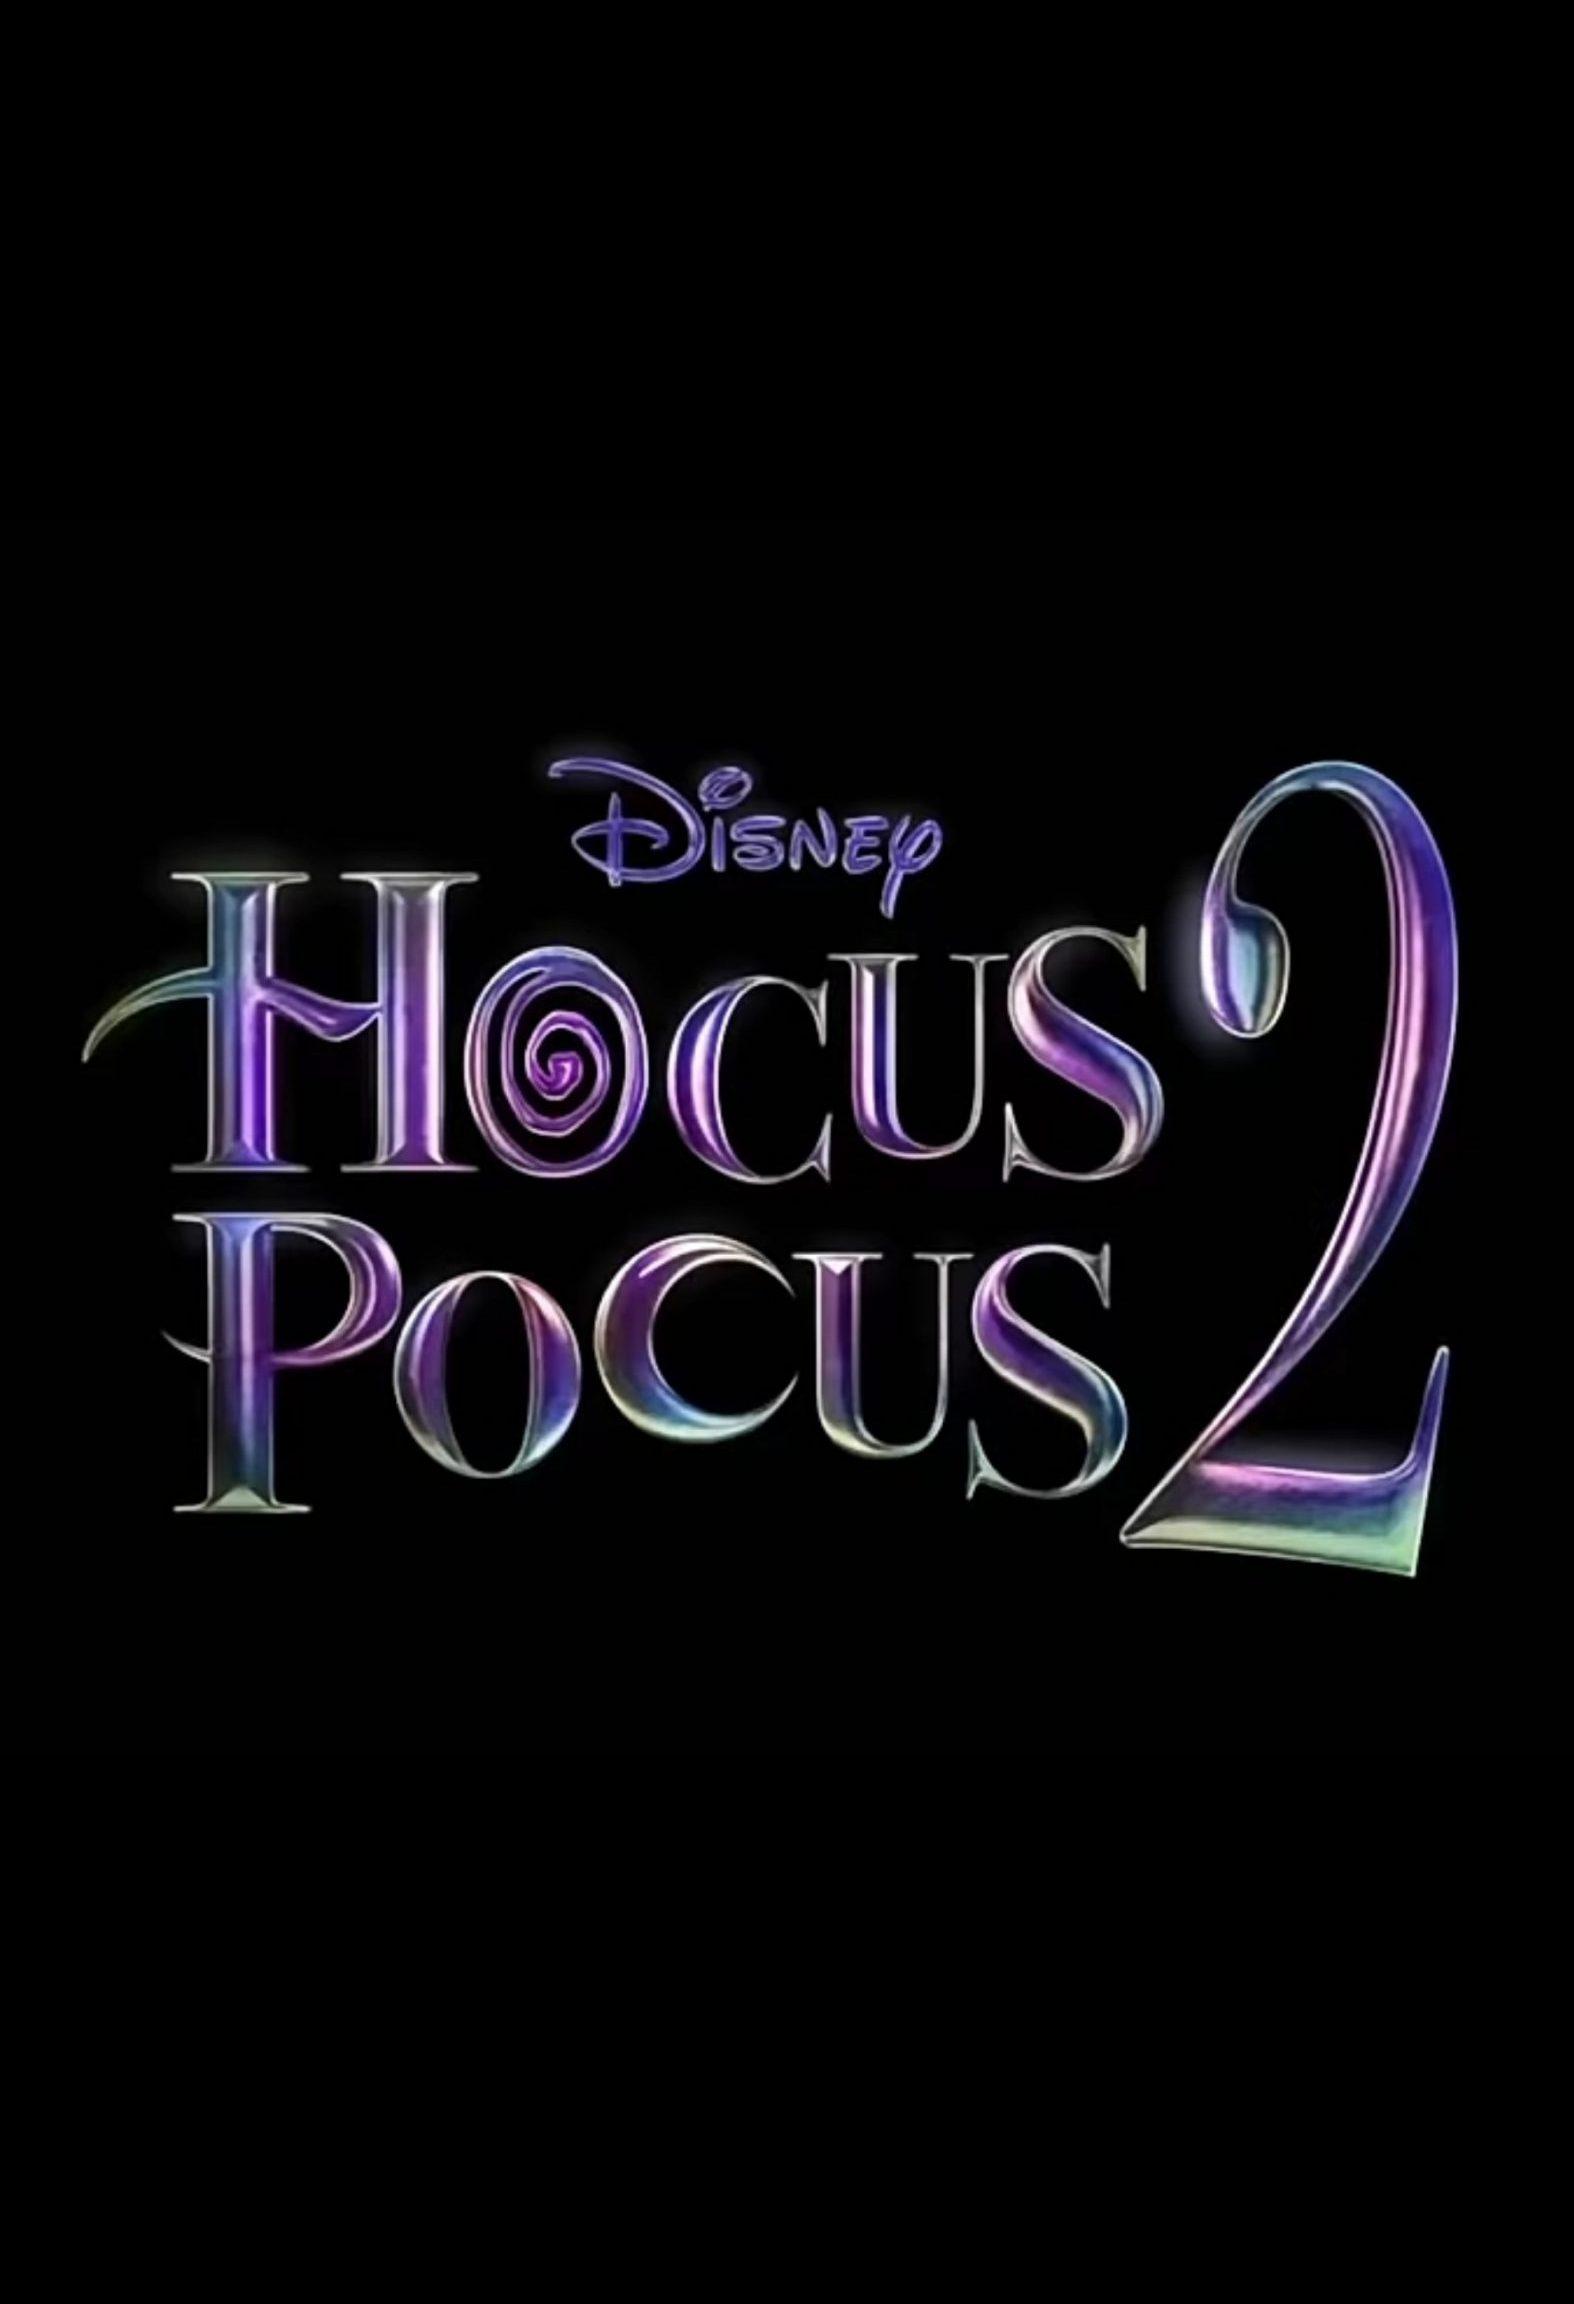 Hocus Pocus 2 Kommt Mit Sarah Jessica Parker, Bette Midler und Kathy Najimy